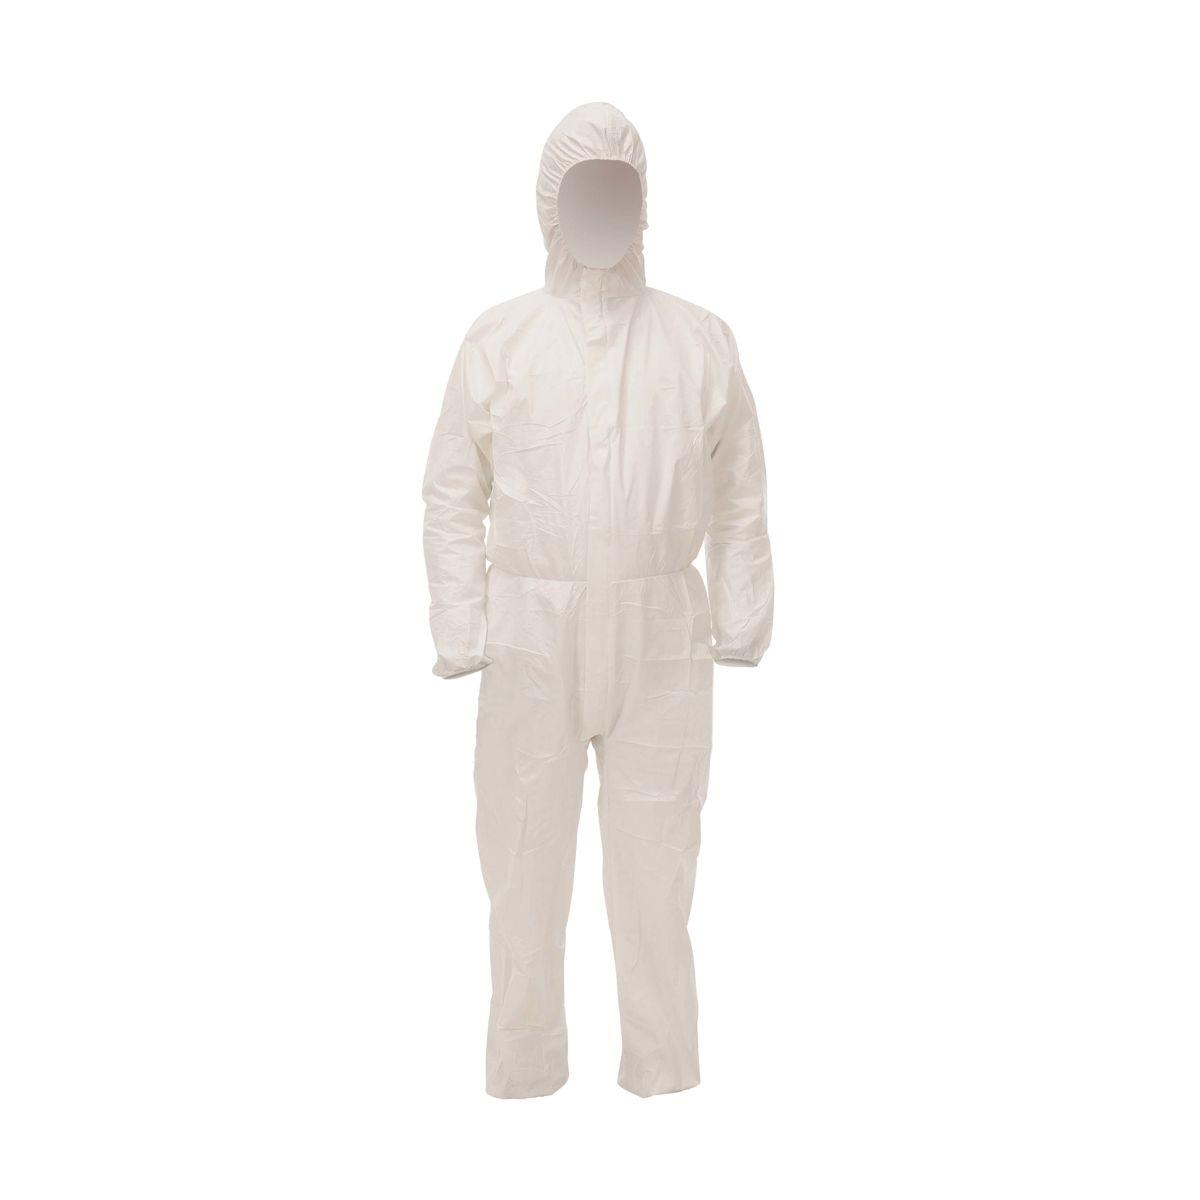 Fato descartável de protecção branco com capuz